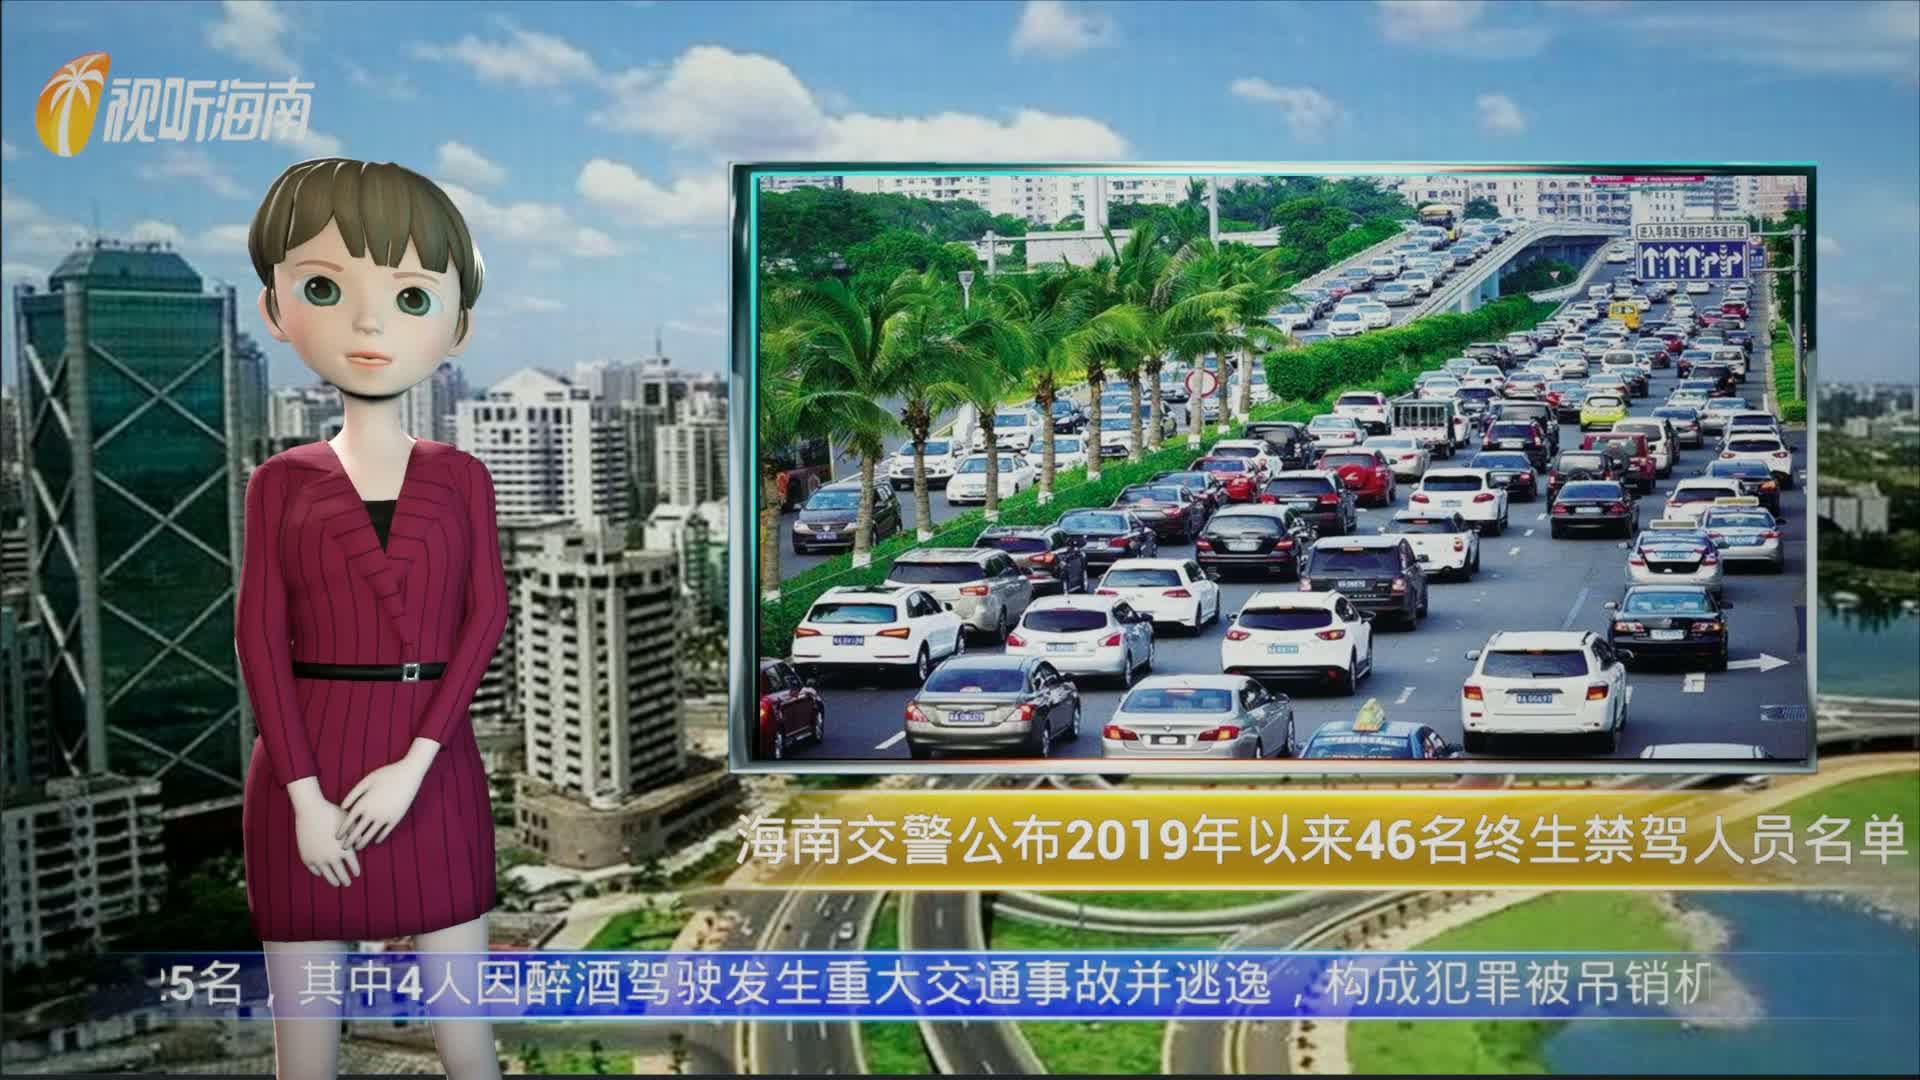 AI播报 海南交警公布2019年以来46名终生禁驾人员名单